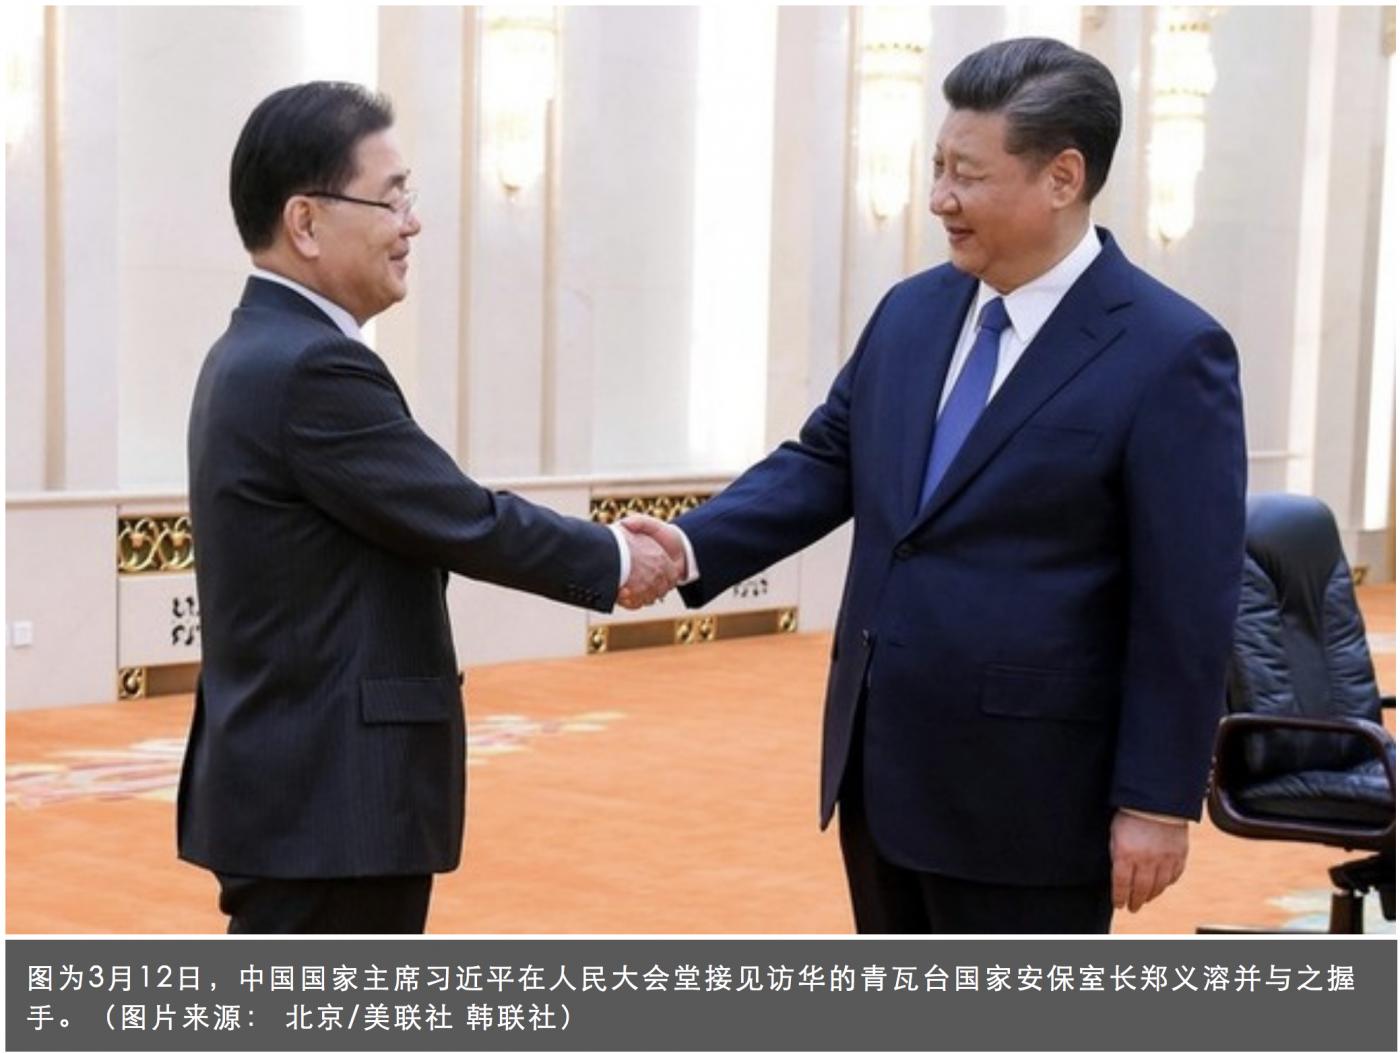 韩媒报道:郑义溶在北京获习近平接见_图1-1